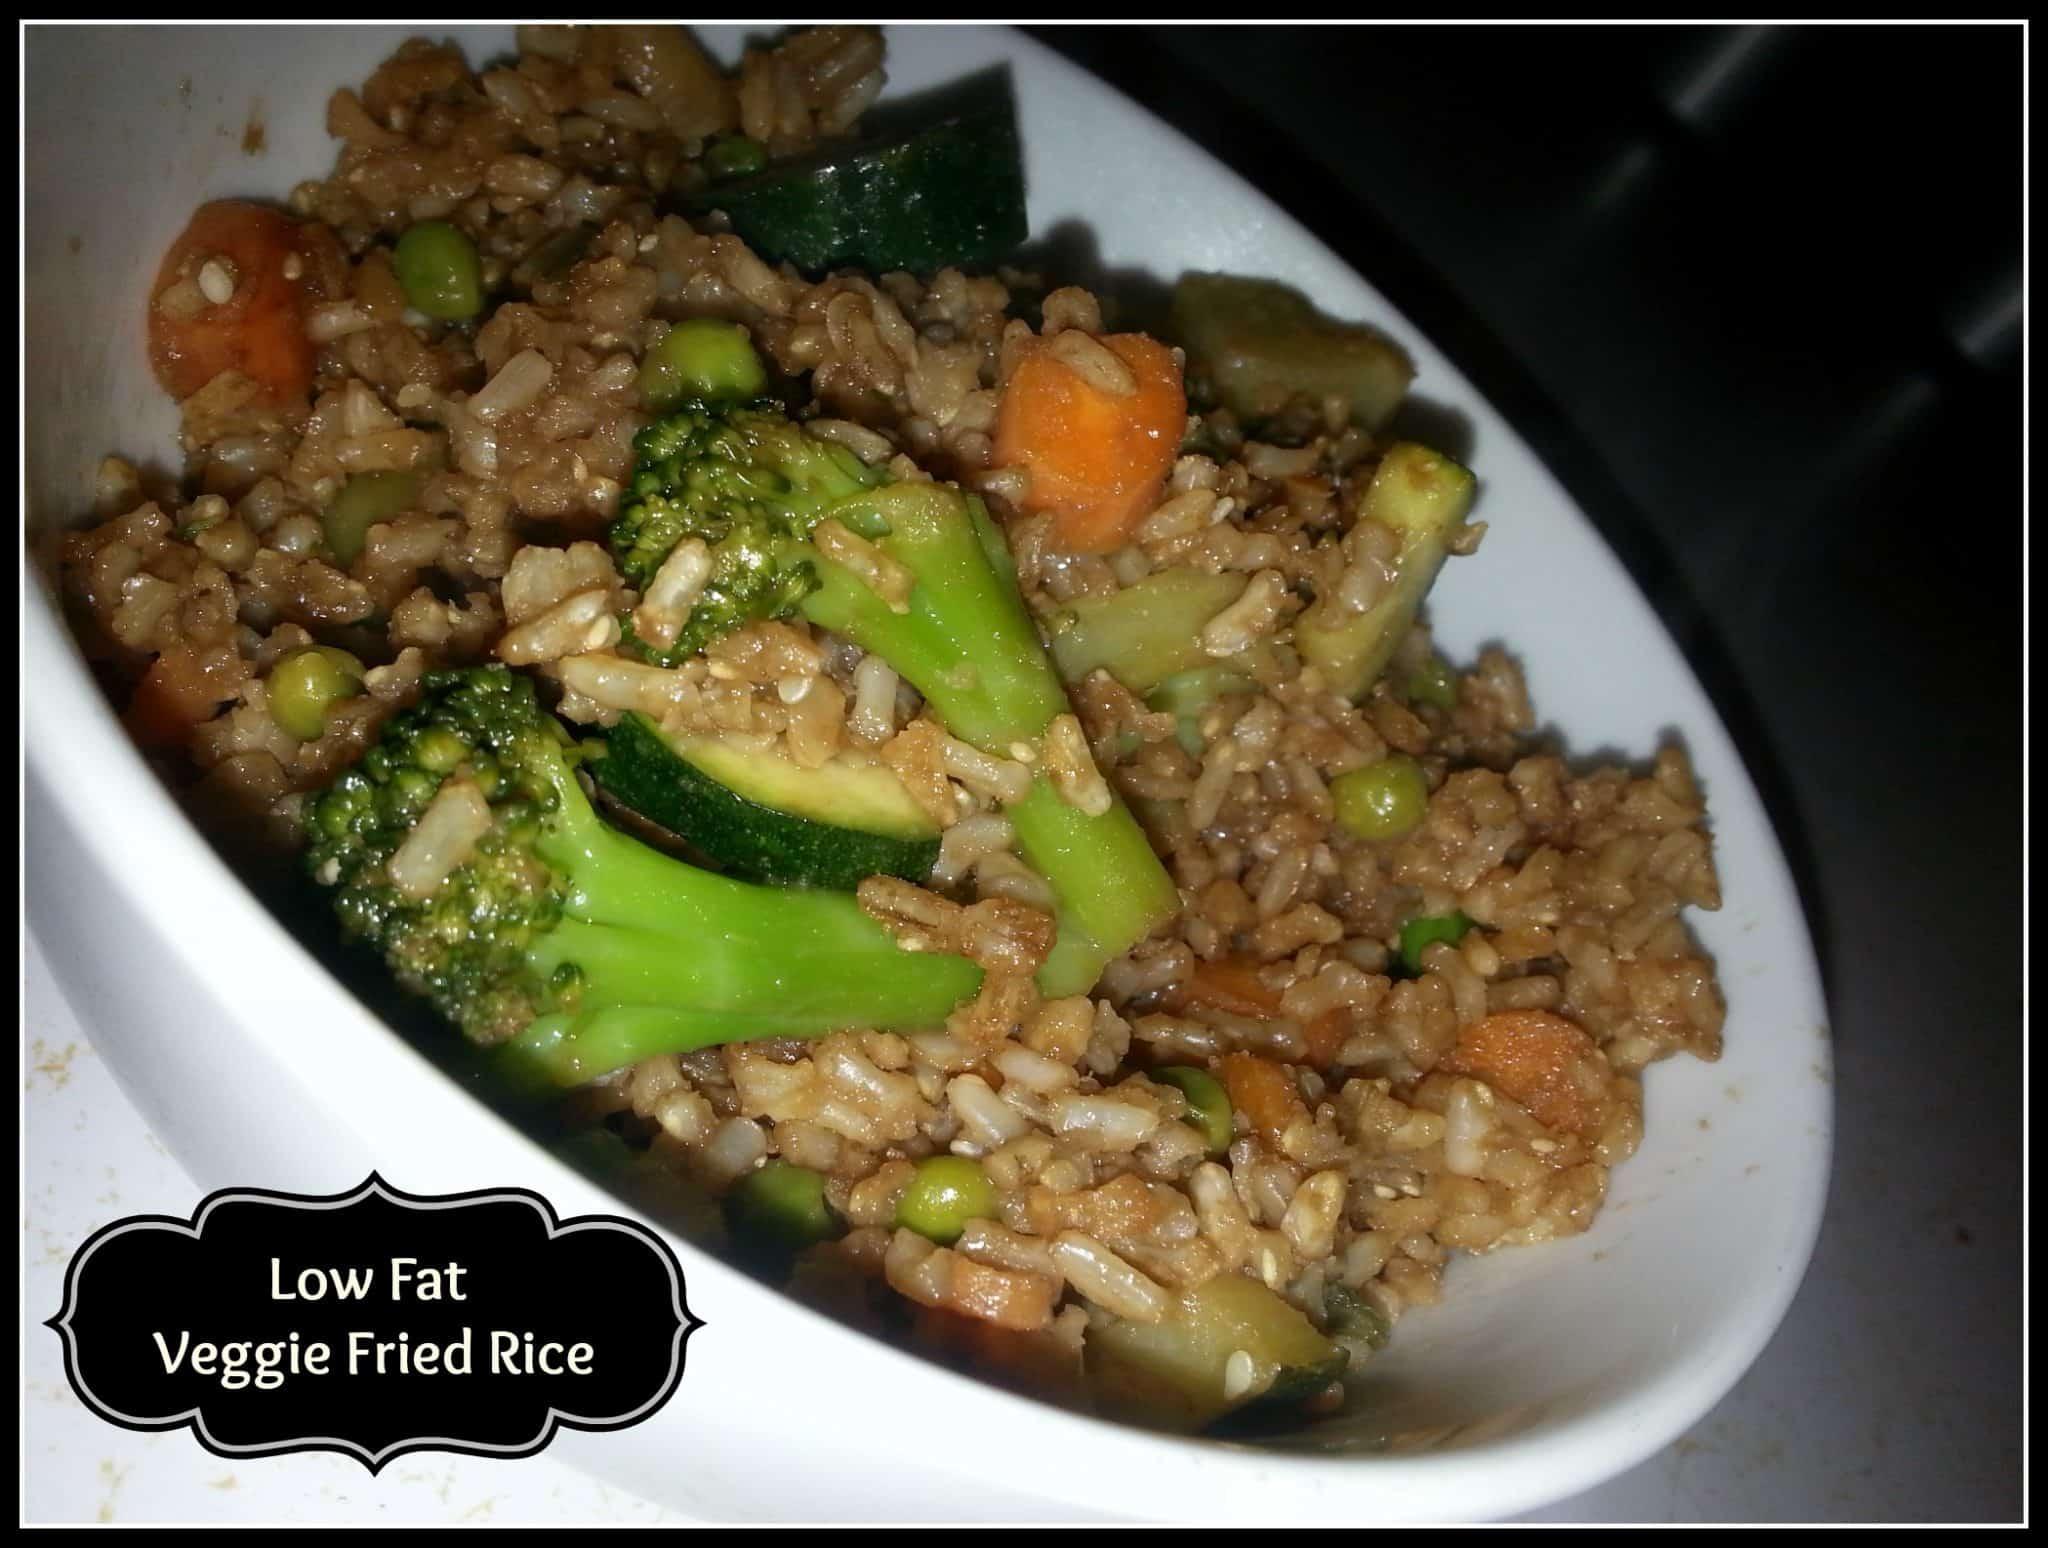 Low Fat Veggie Fried Rice